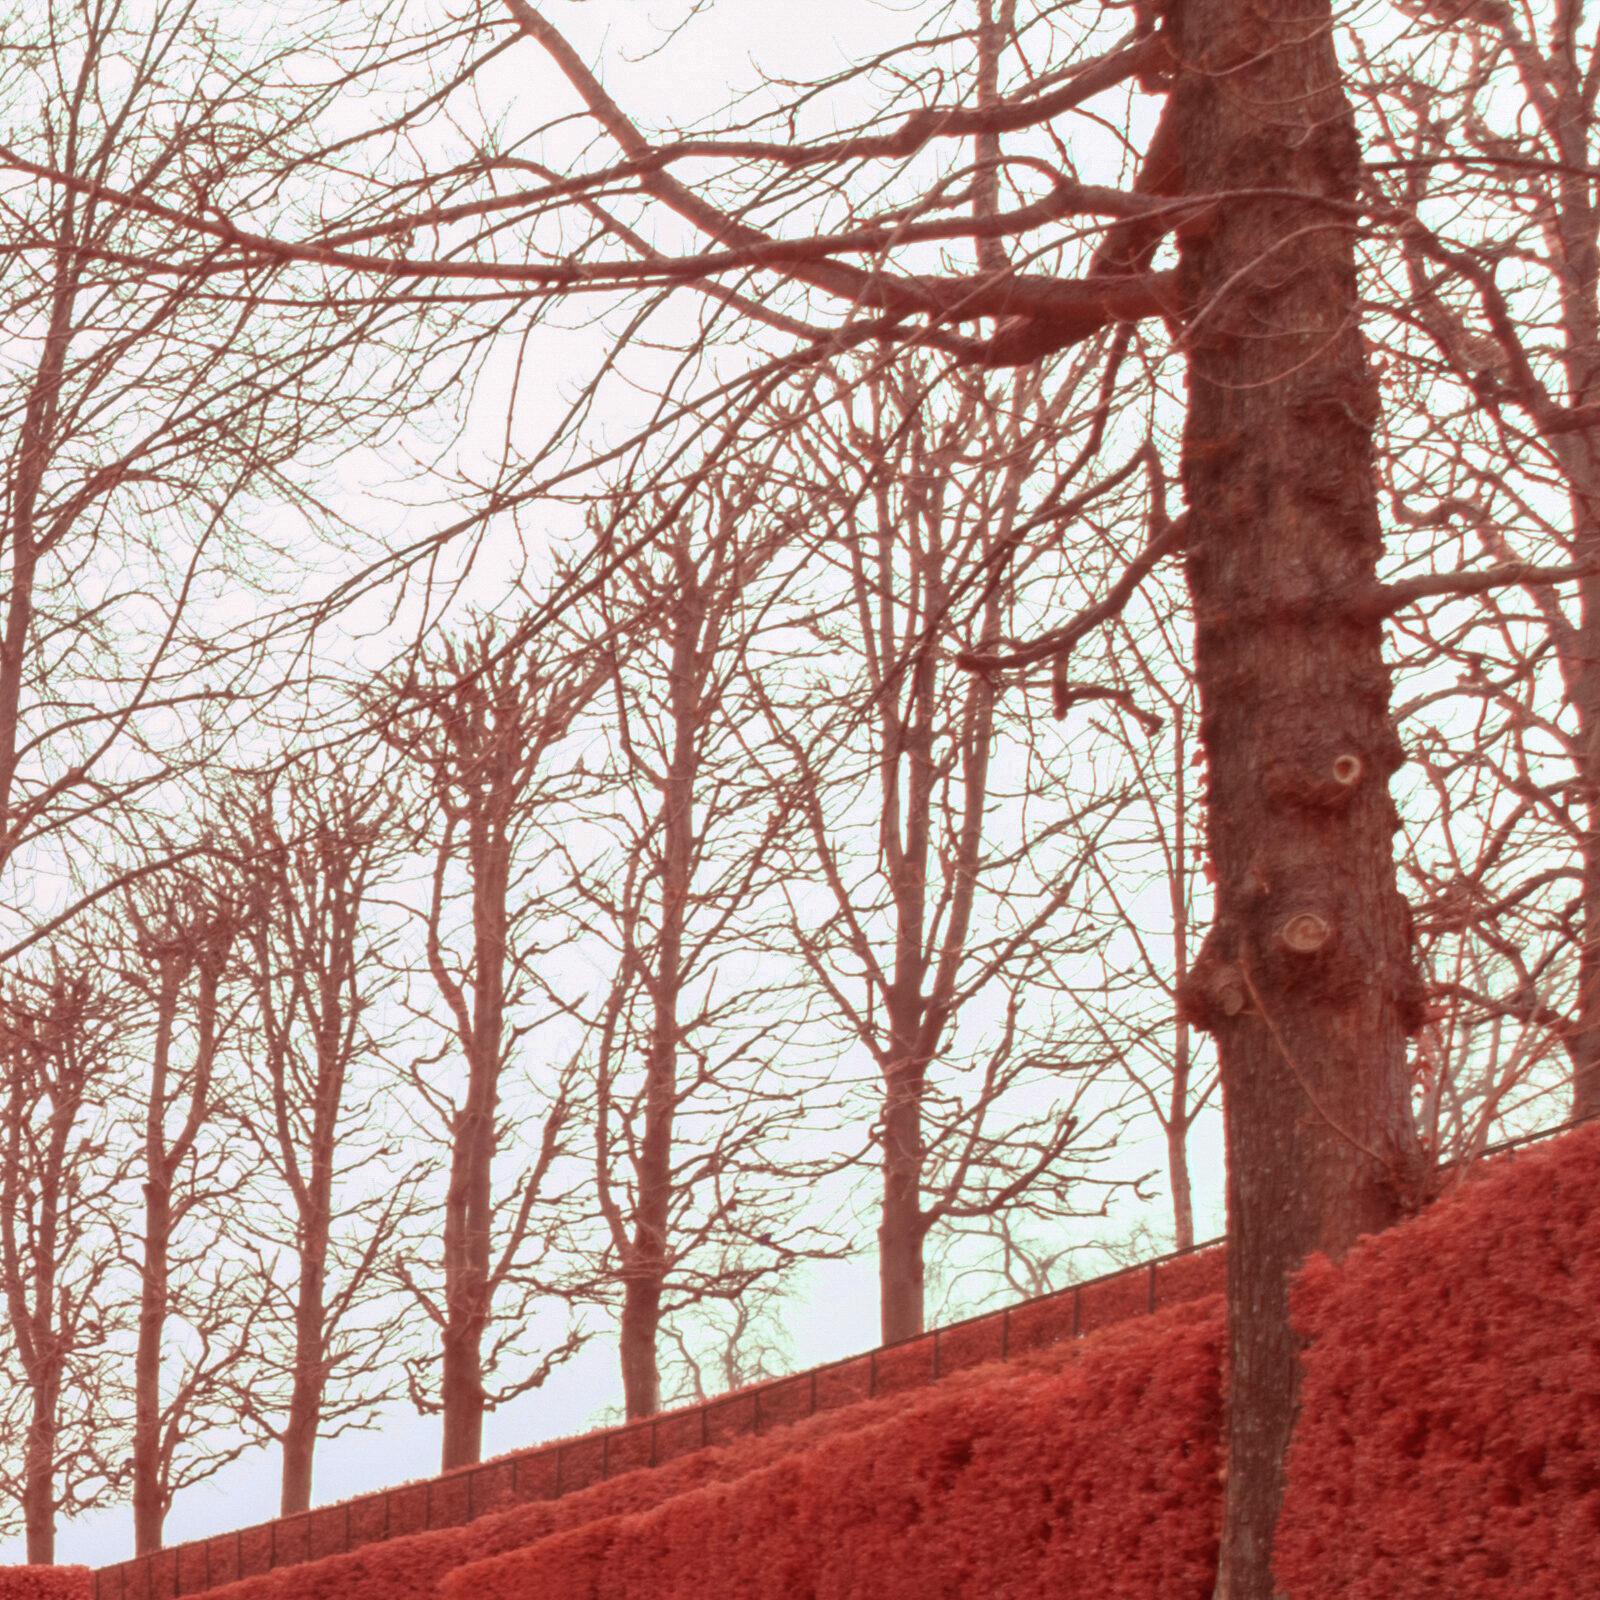 Canon 16 35 F4 L IS details global 500nm infrarouge 24mm details 9 | Pierre-Louis Ferrer | Test du Tamron SP 15-30mm f2.8 Di VC USD en photographie infrarouge | Partie 2